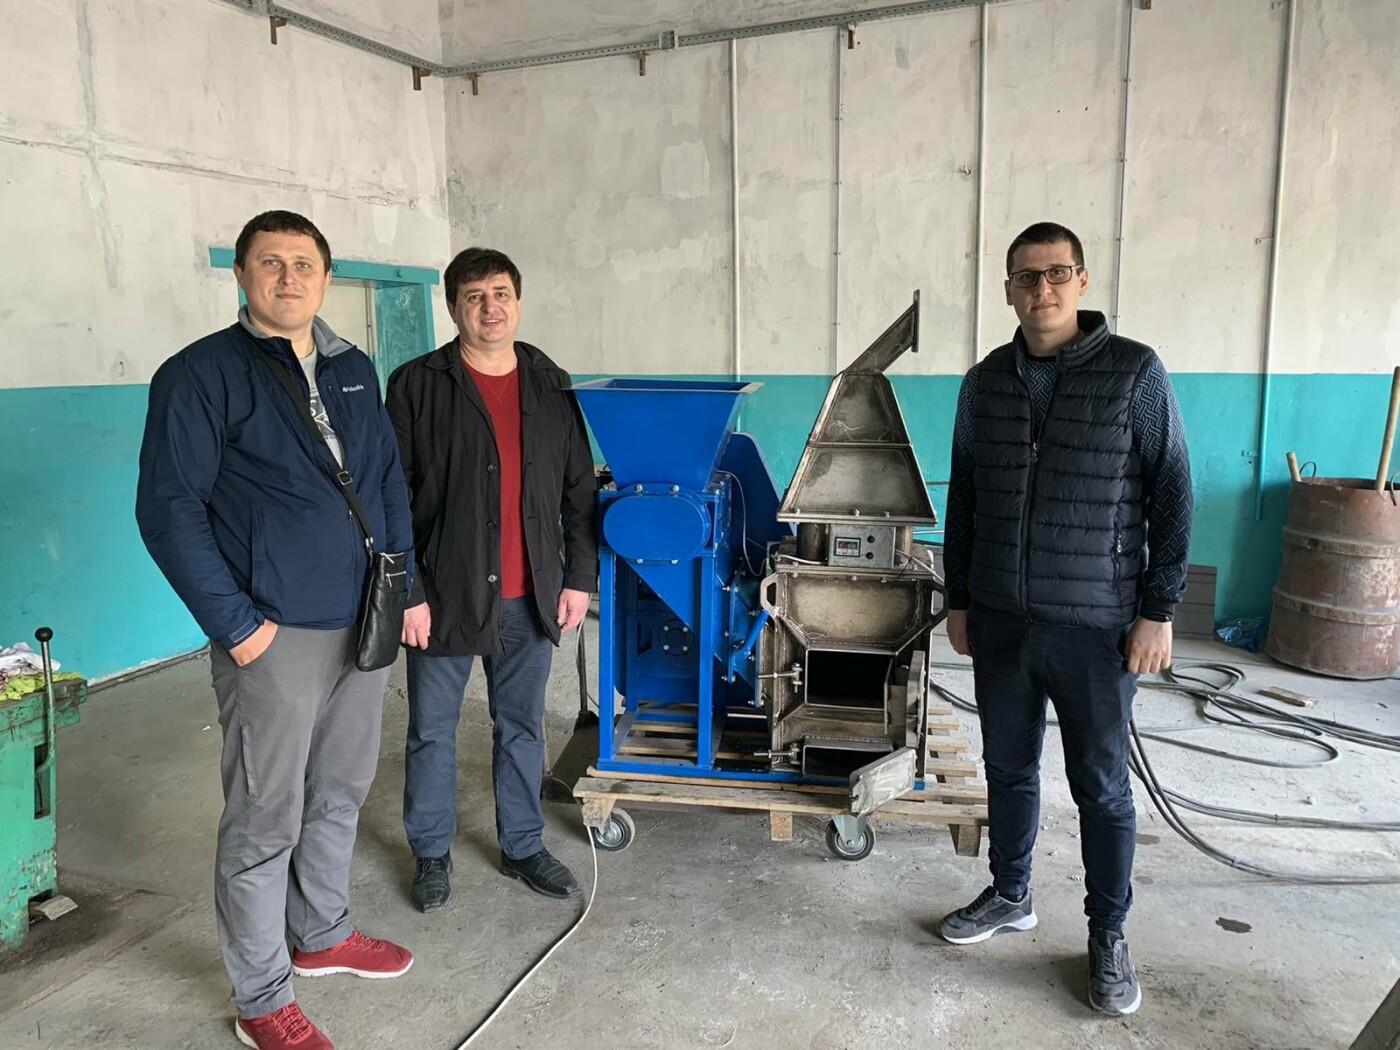 Ученые Днепровской политехники создали установку для утилизации медицинских отходов, - ФОТО, фото-1